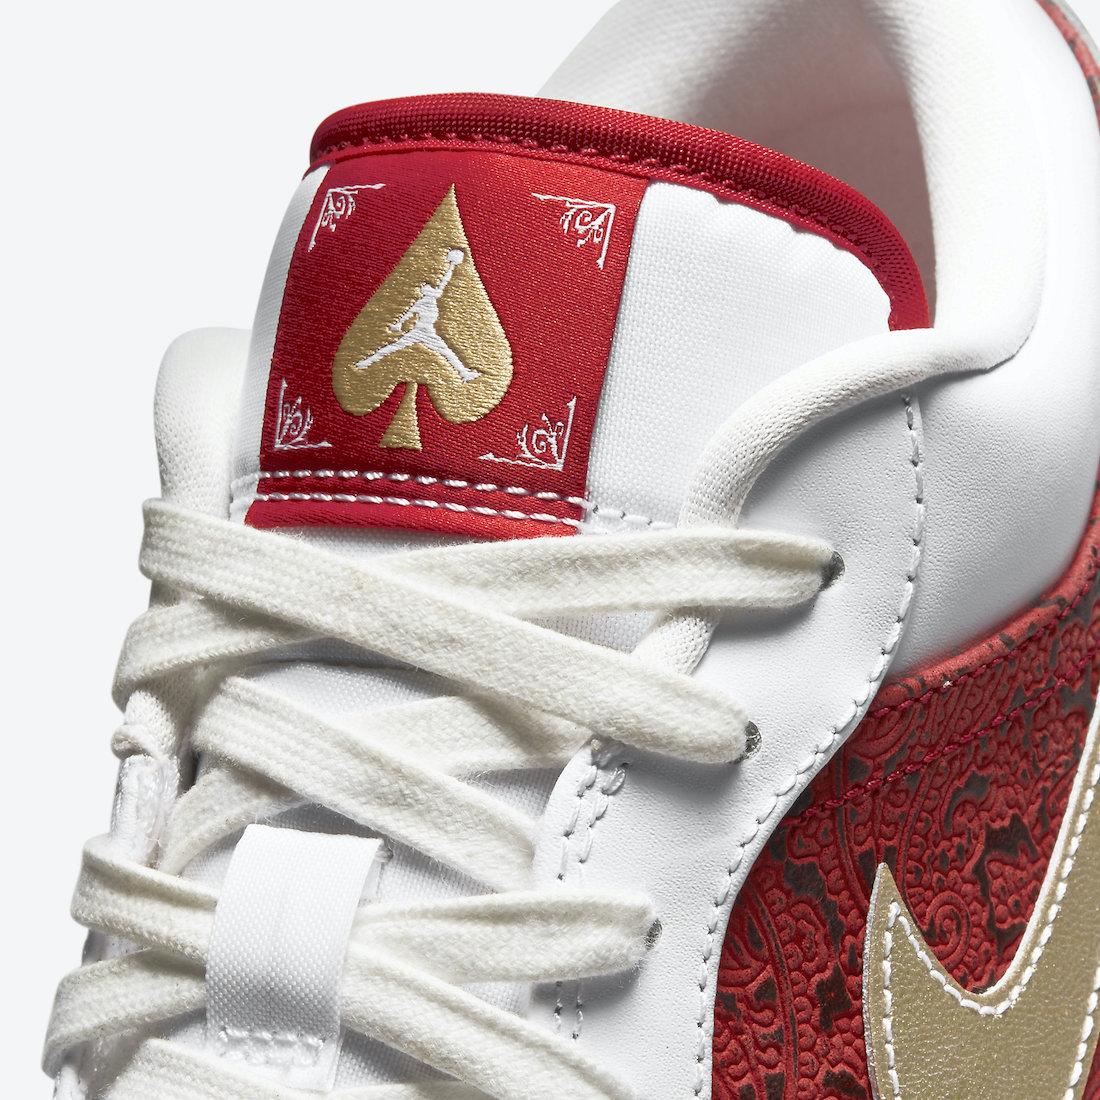 Air-Jordan-1-Low-Spades-DJ5185-100-Release-Date-8